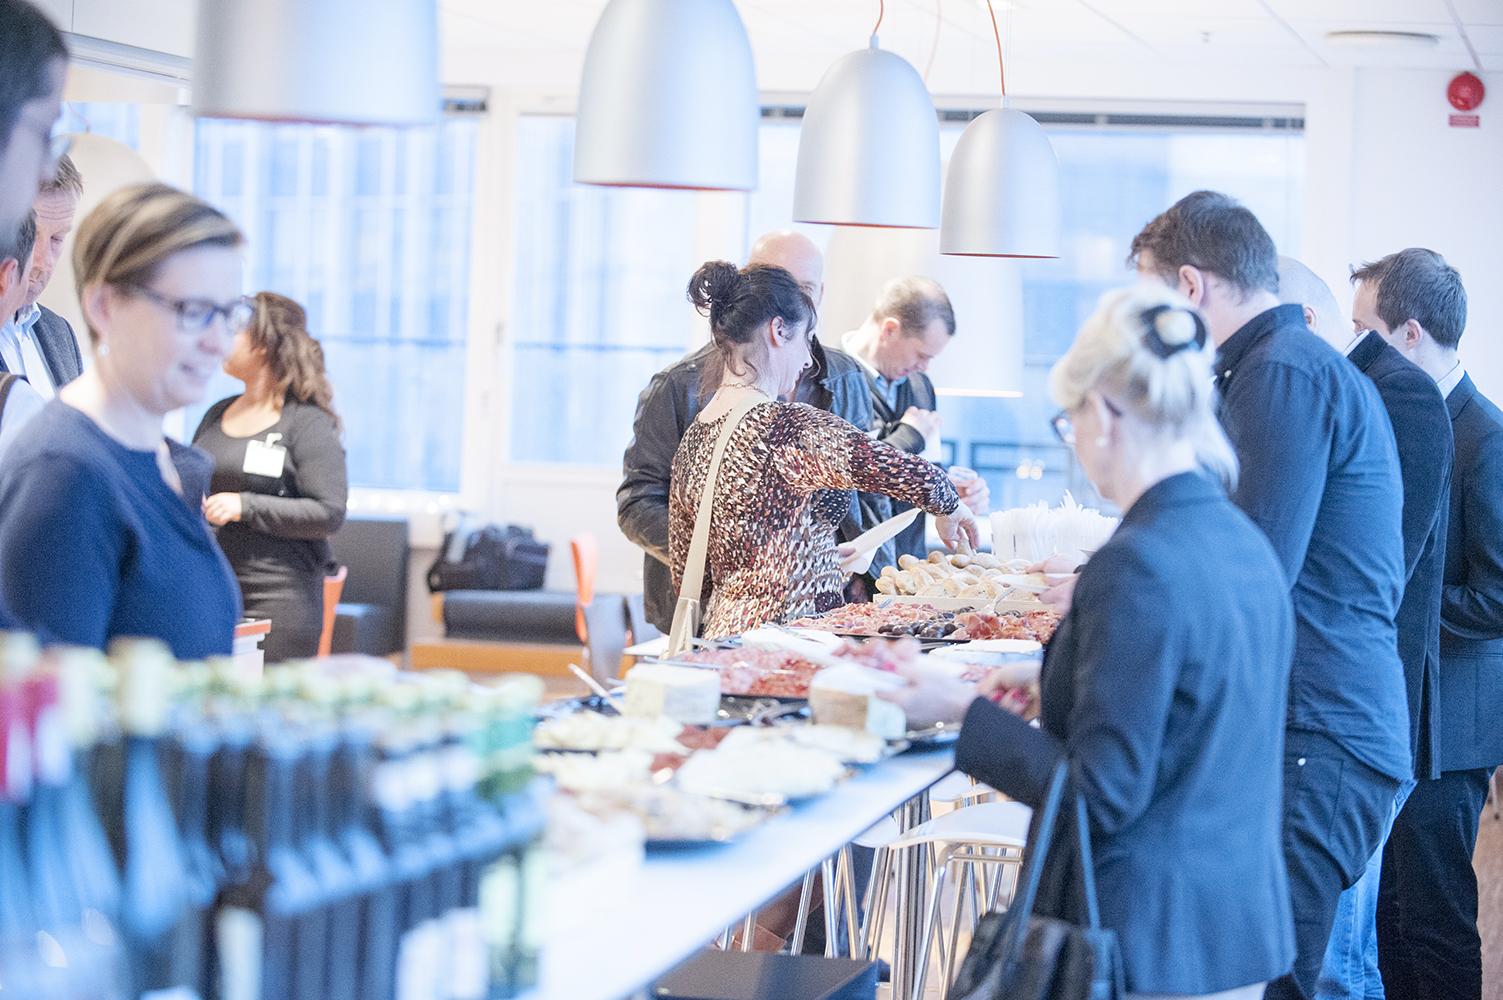 Susanna Soumah, Maria Soumah, S. Reklam & Design, Malmö Business Network, MBnet.se, Soumah, Event, Träff, Reklam, FOJAB